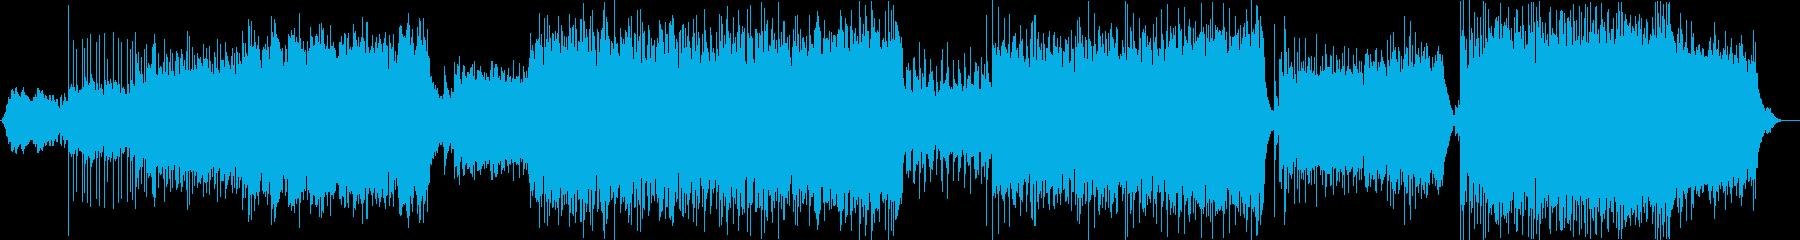 エレクトロなデジタルロックの再生済みの波形